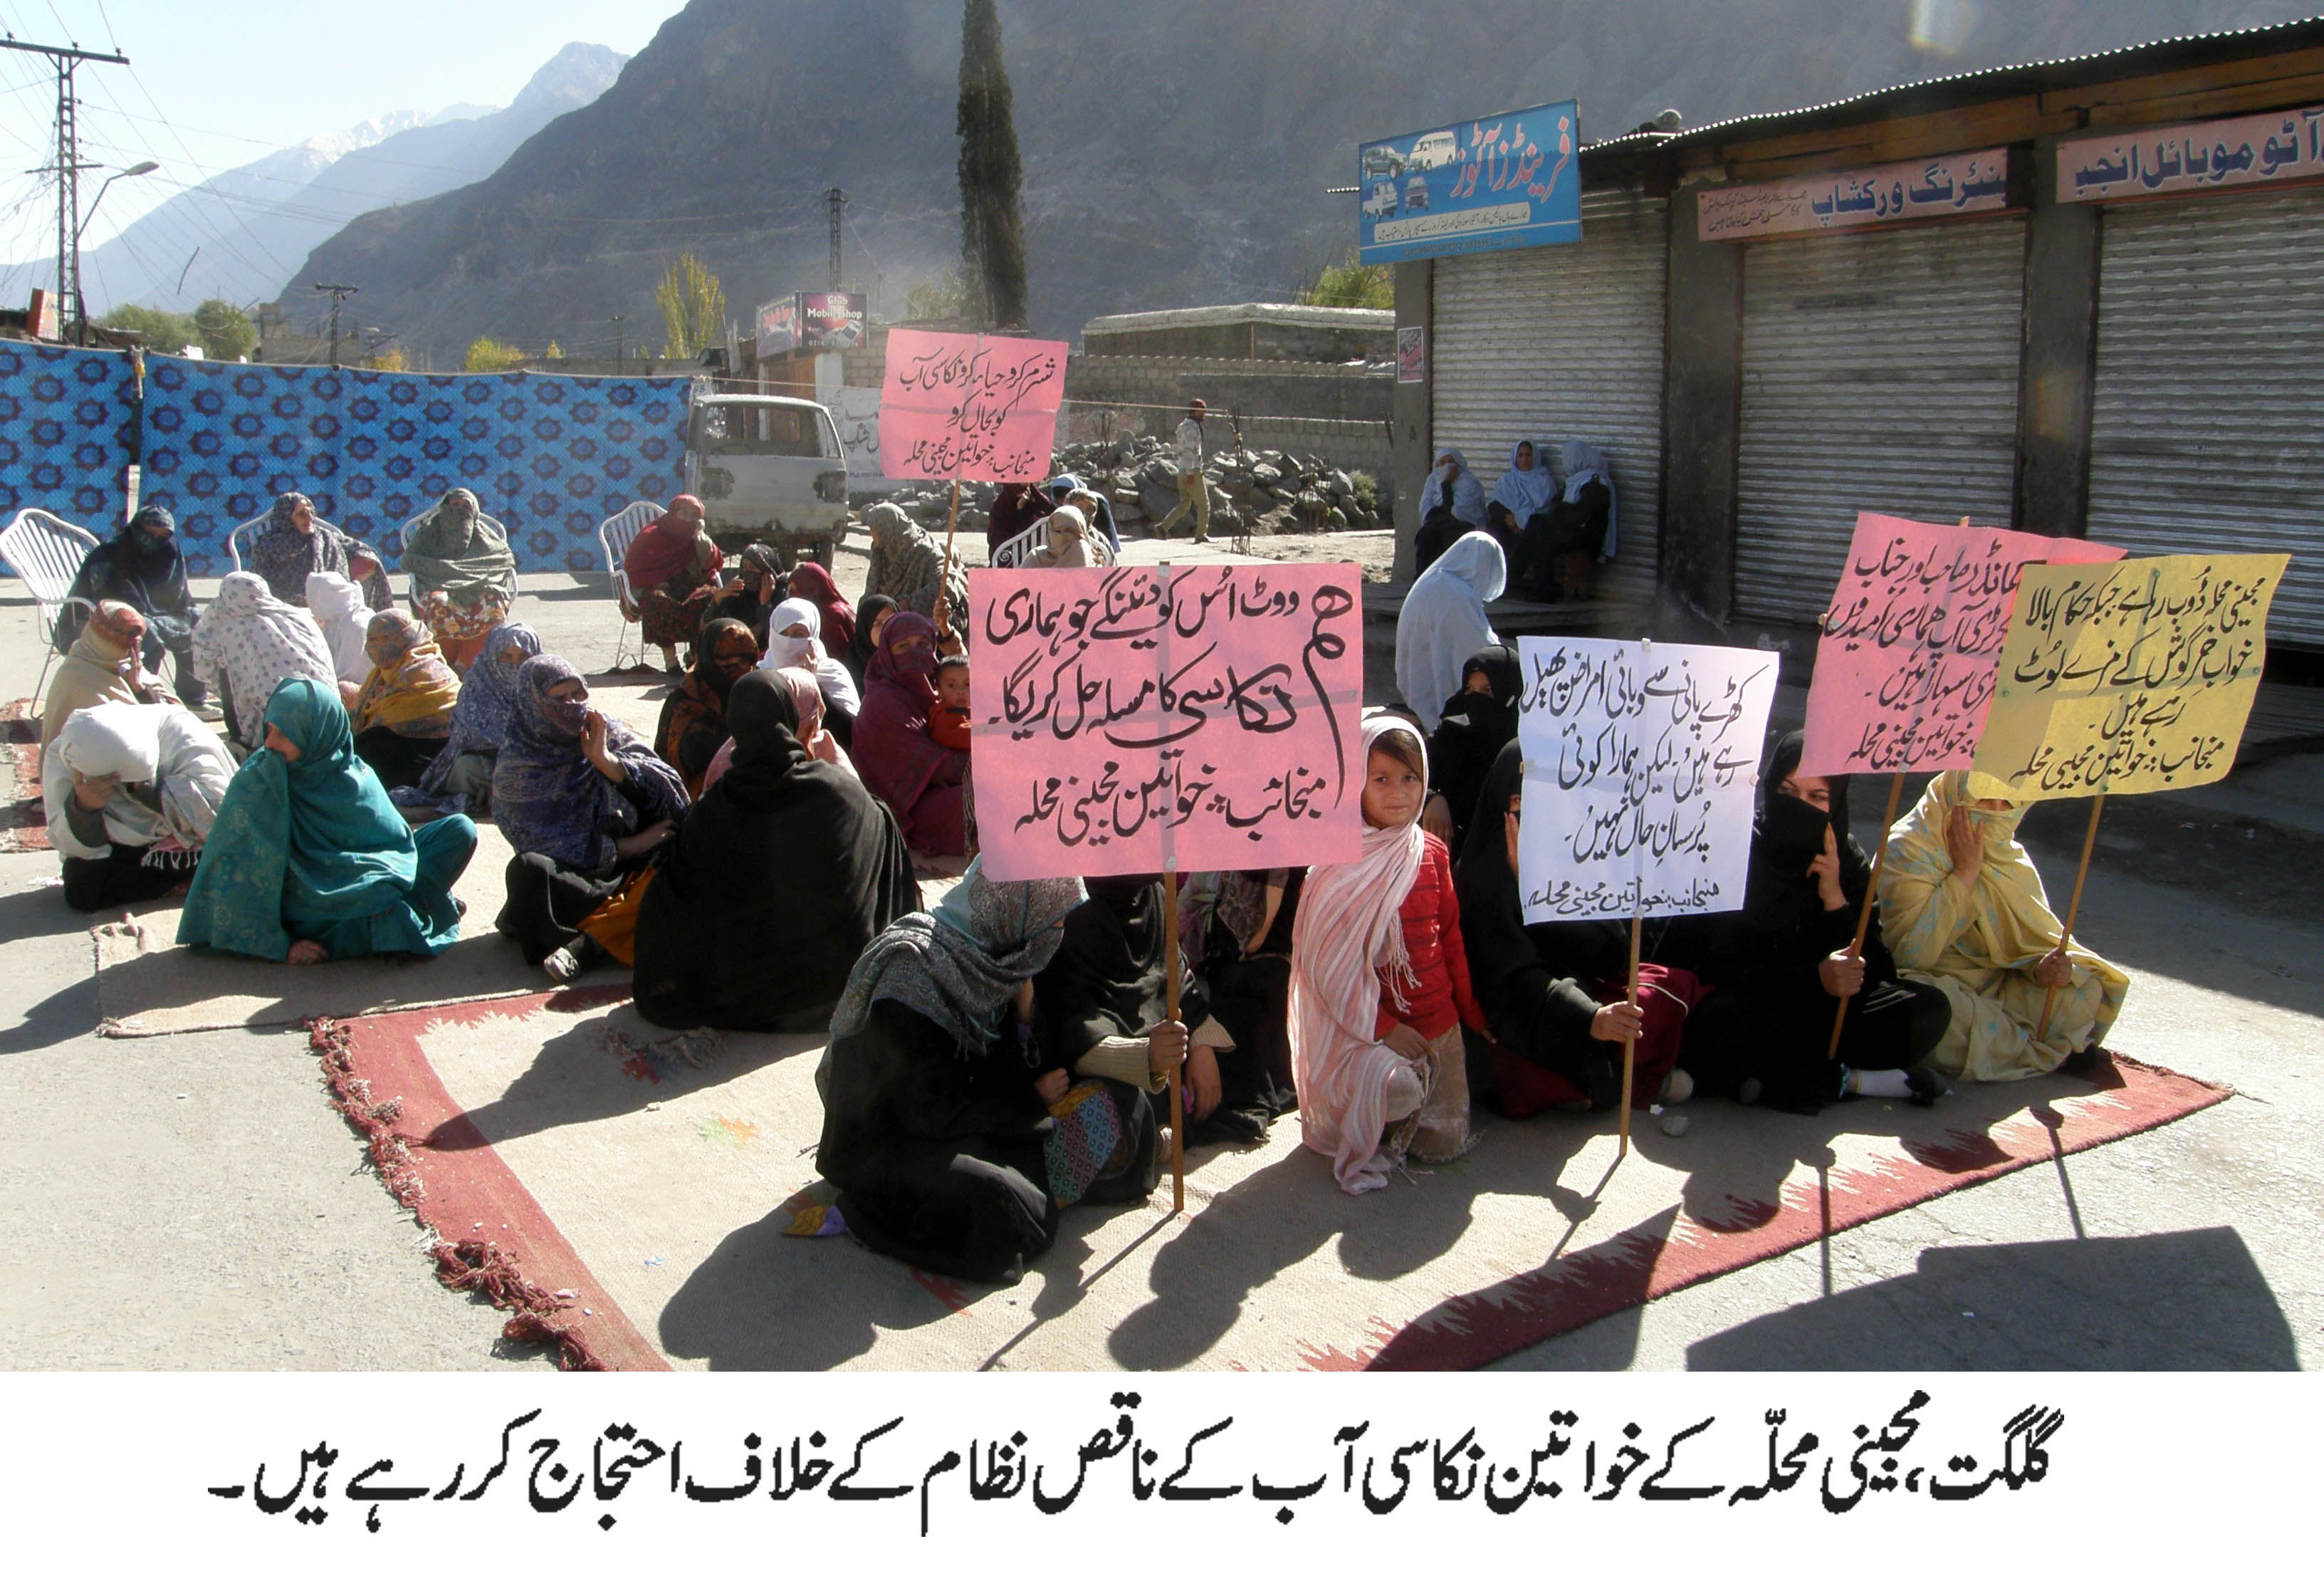 گلگت: حکومت اور انتظامیہ نکاسی آب کا مسلہ حل کرنے میں ناکام، مجینی محلہ کی خواتین سراپا احتجاج